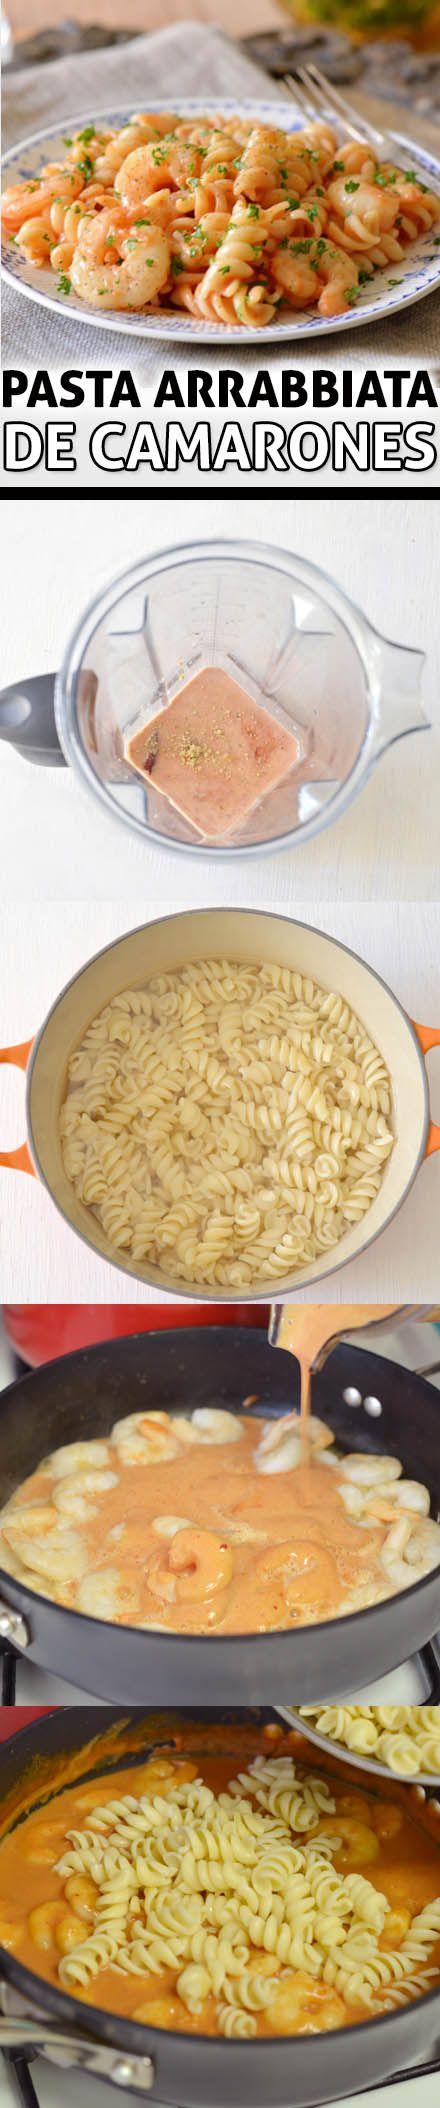 Demuestra cuánto te gusta la comida italiana siguiendo esta fácil receta de pasta con camarones en salsa arrabiata. ¡Sabrosa, suculenta y baja en calorías!